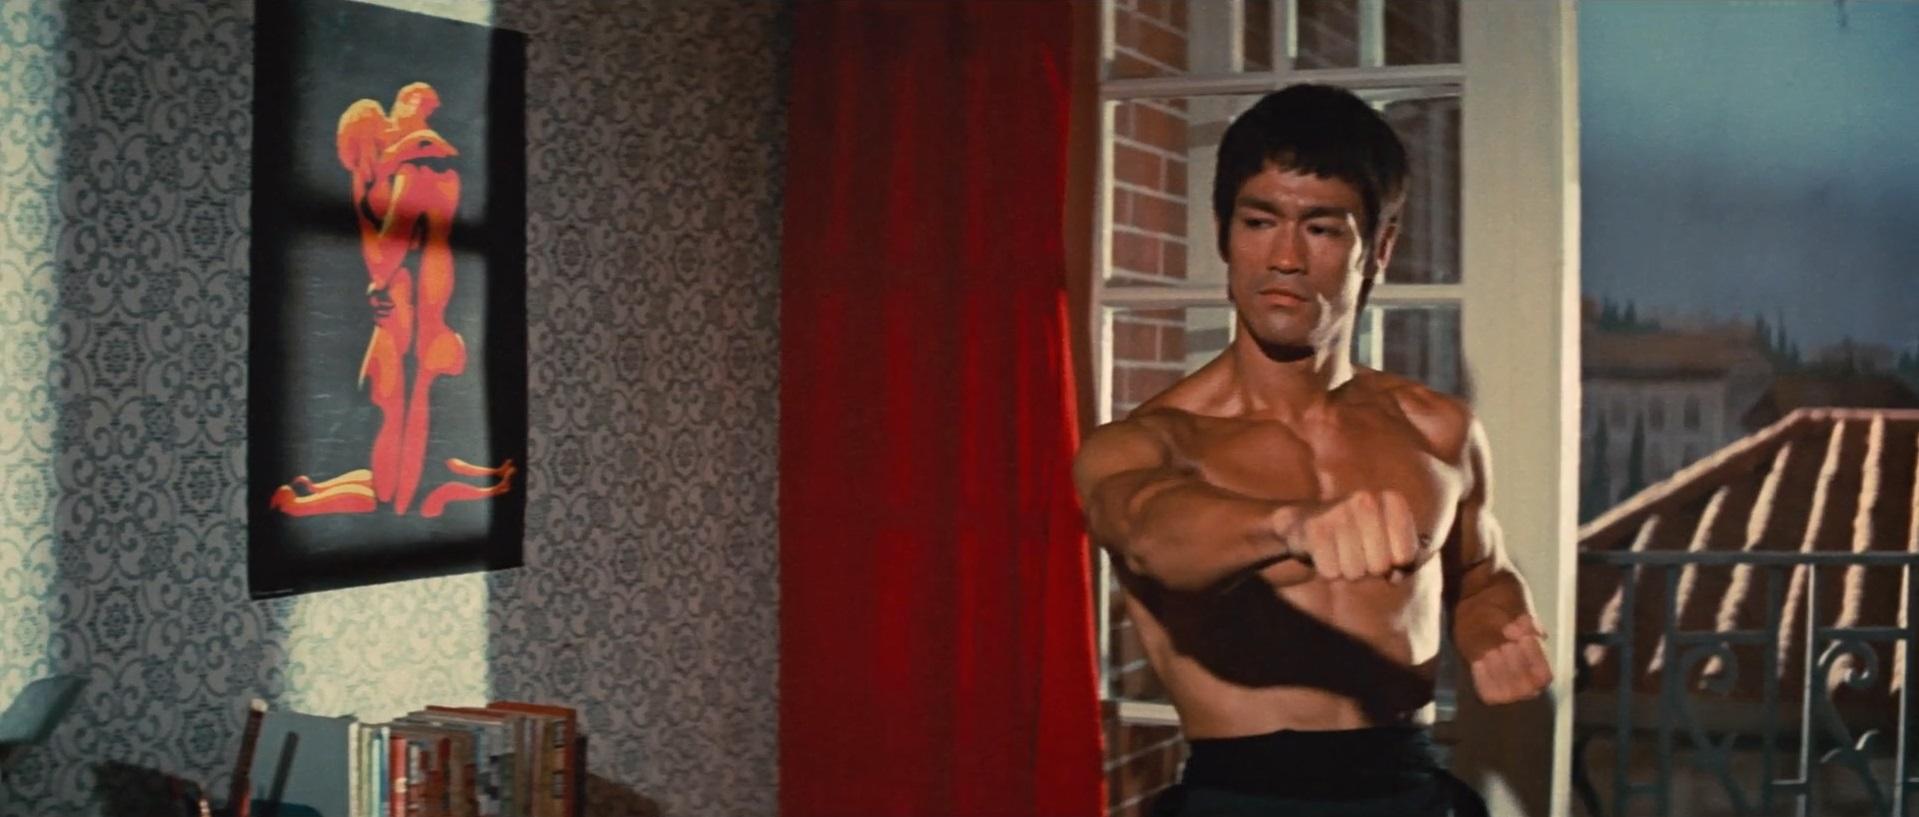 Bruce Lee i Drakens väg.